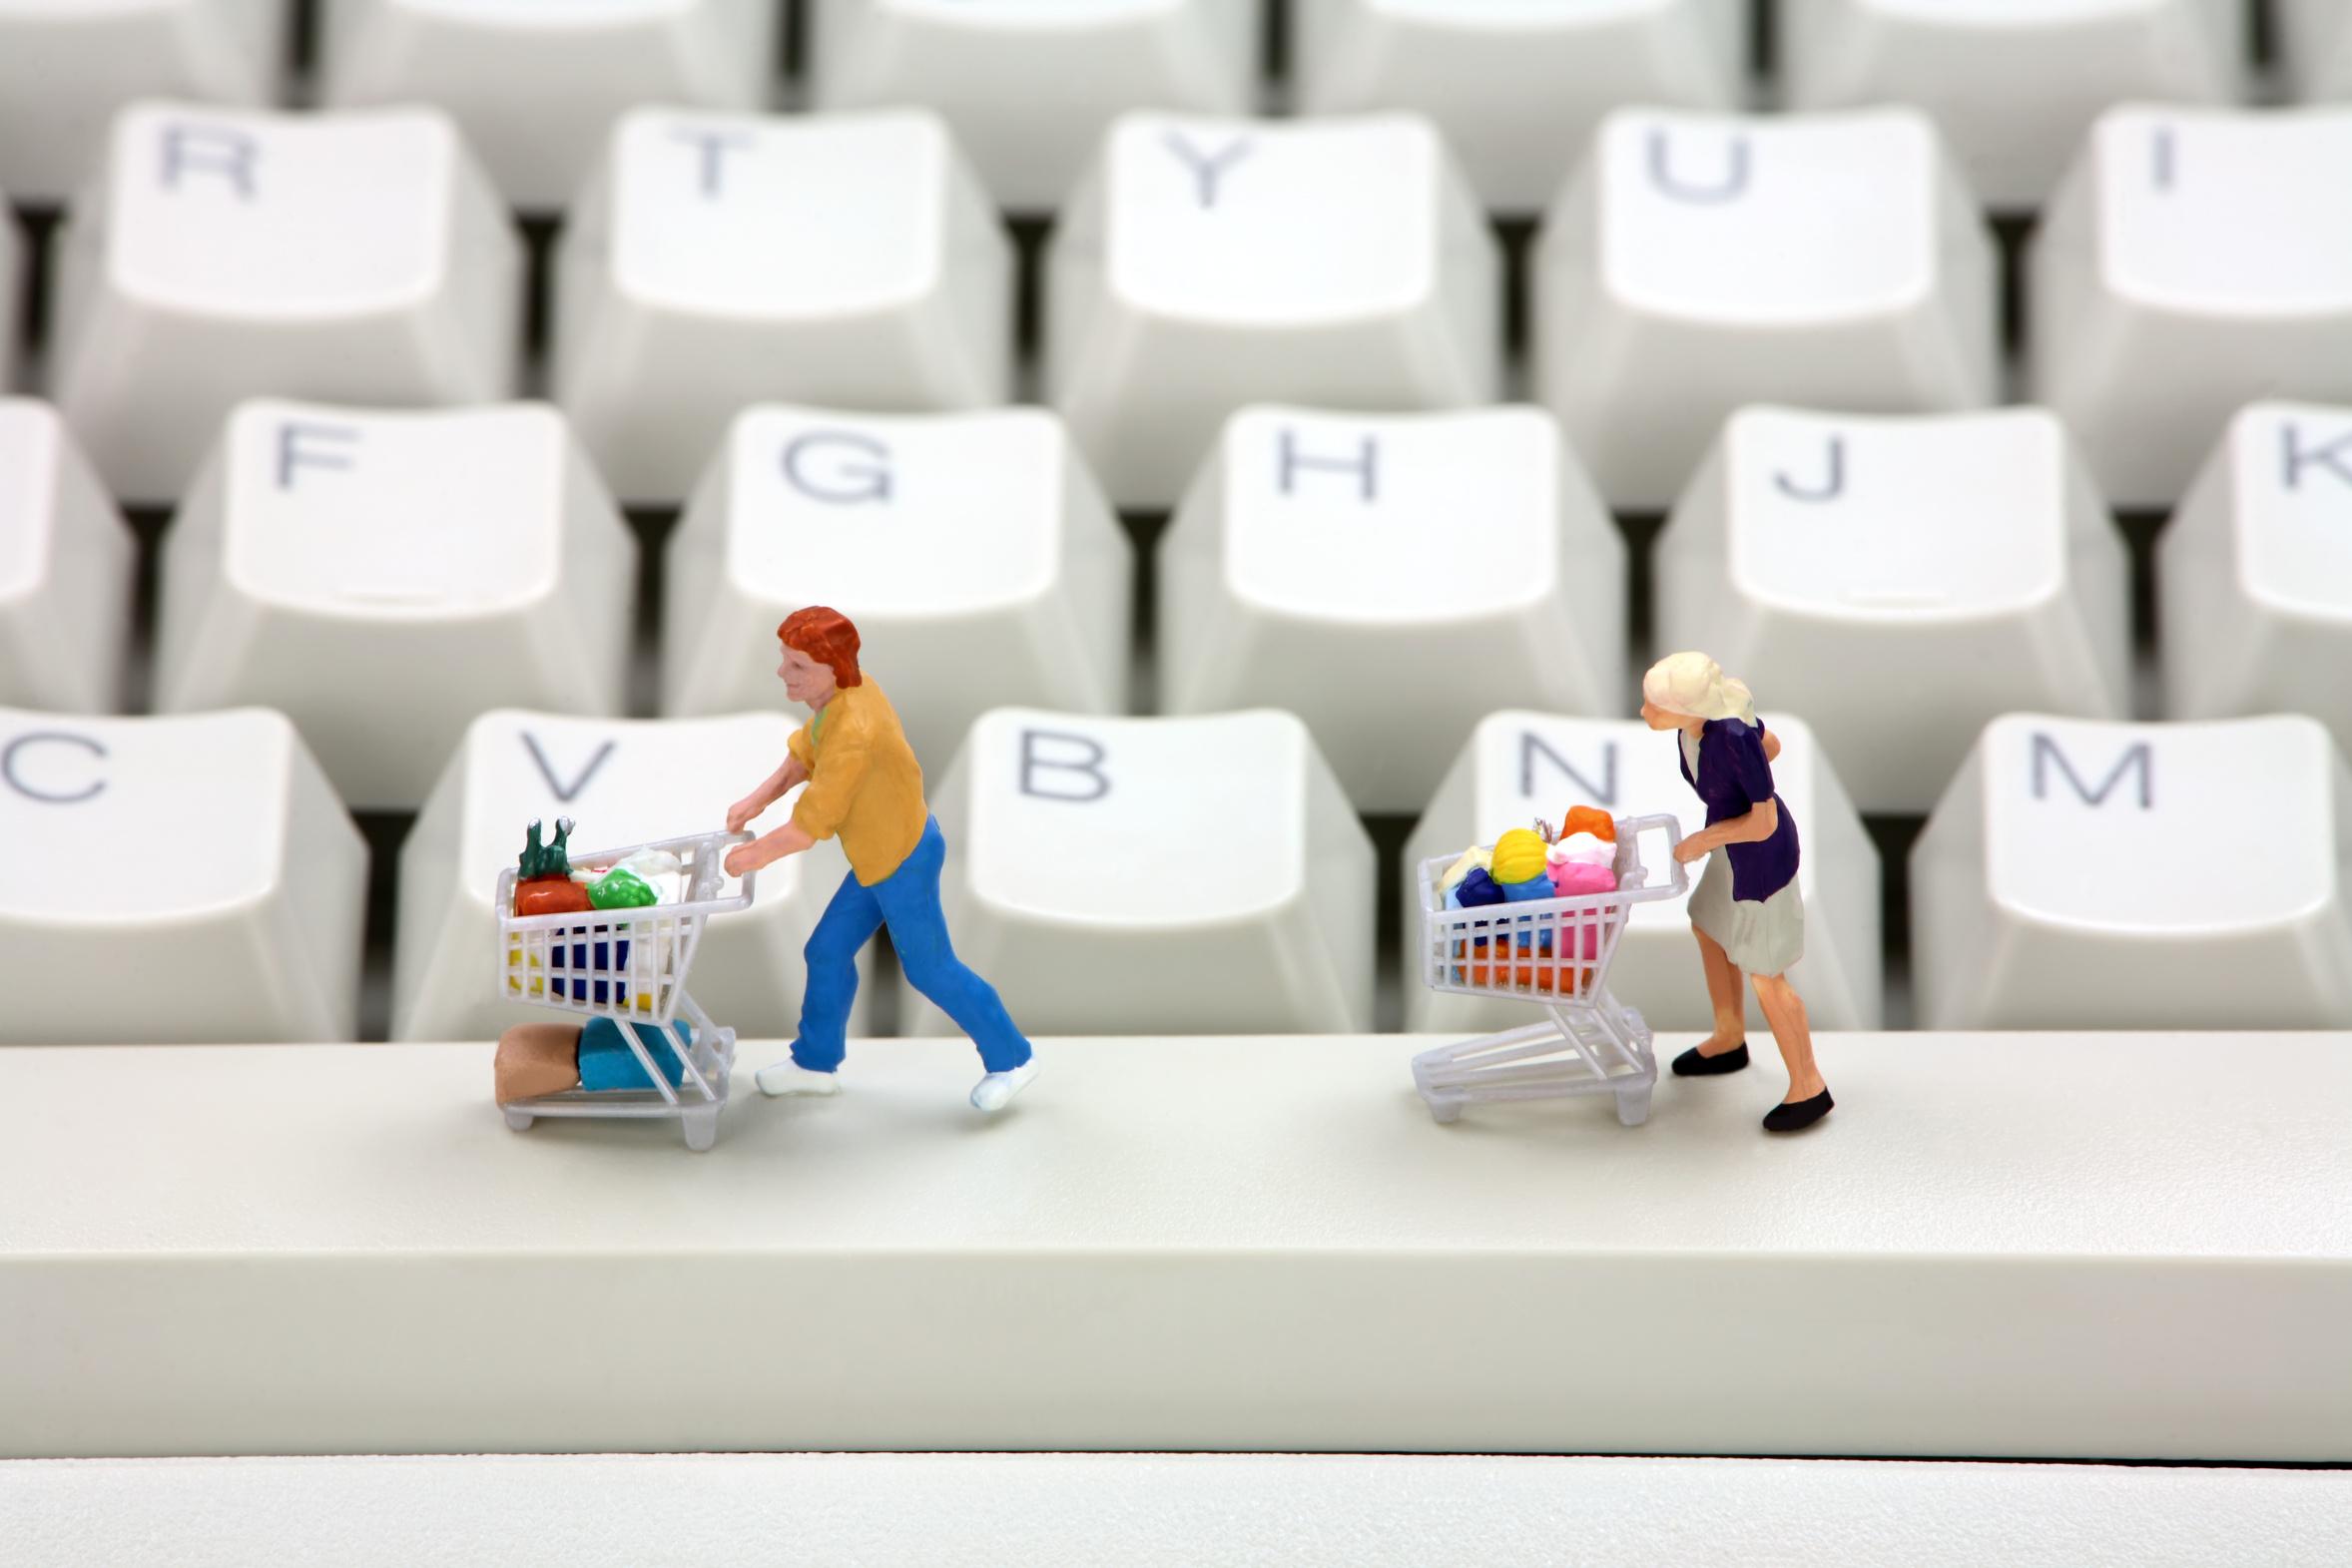 украинских интернет-магазинов